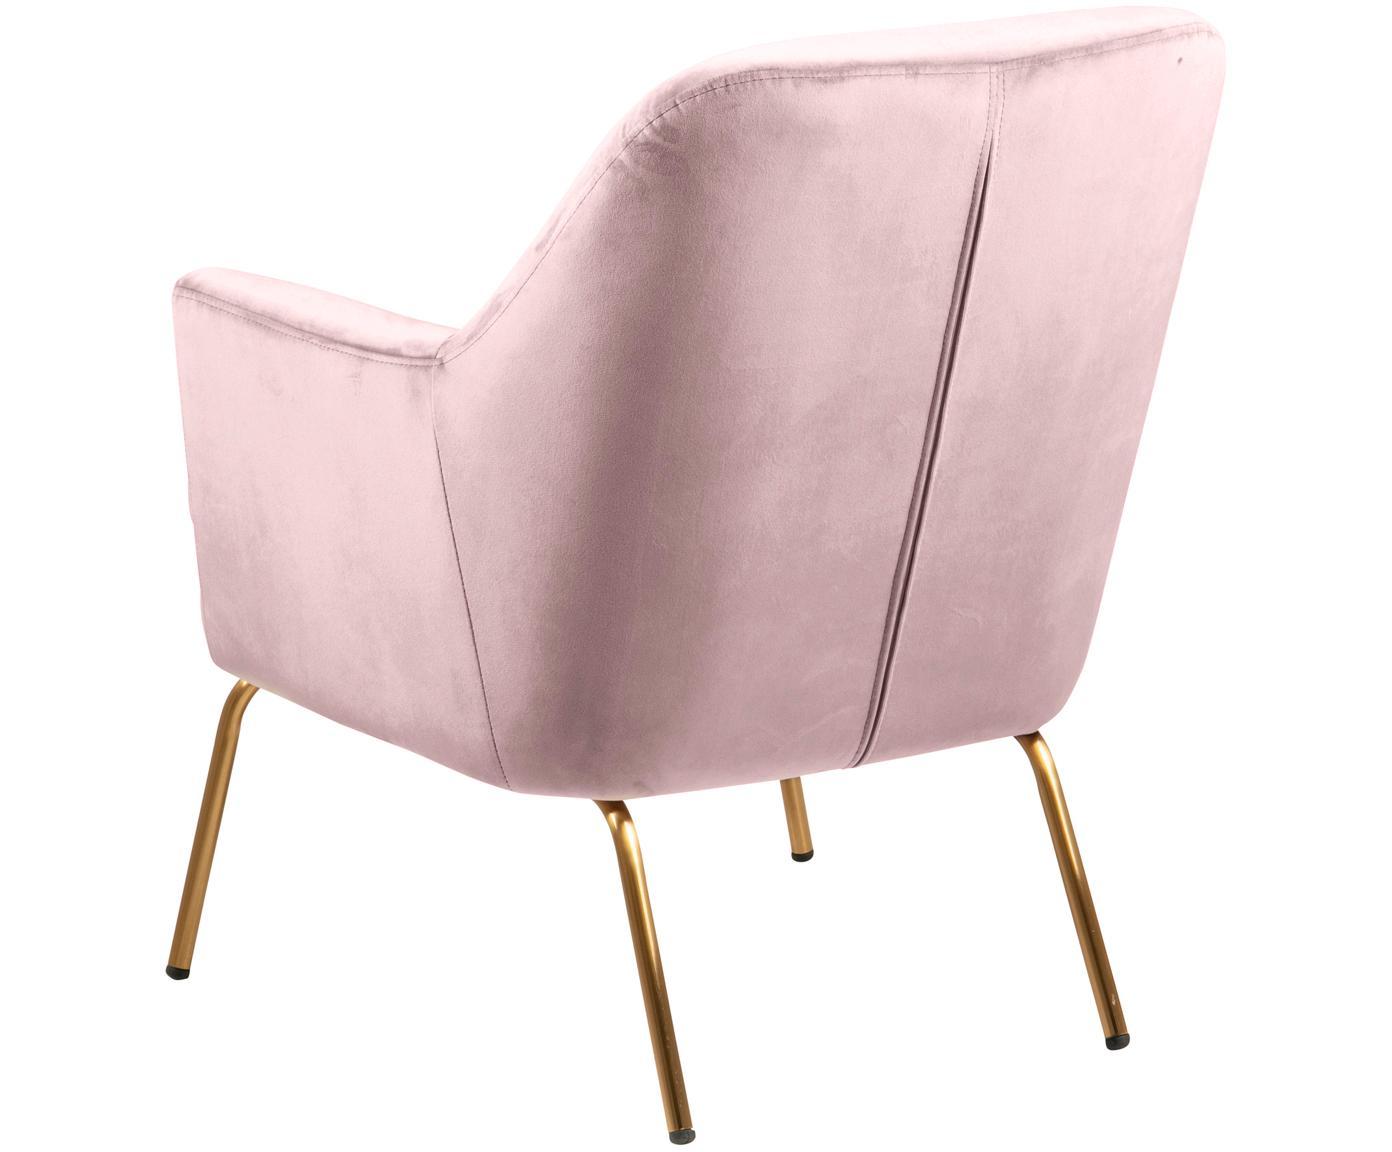 Fotel z aksamitu Chisa, Tapicerka: aksamit poliestrowy 2500, Nogi: metal lakierowany, Aksamitny blady różowy, S 68 x G 73 cm